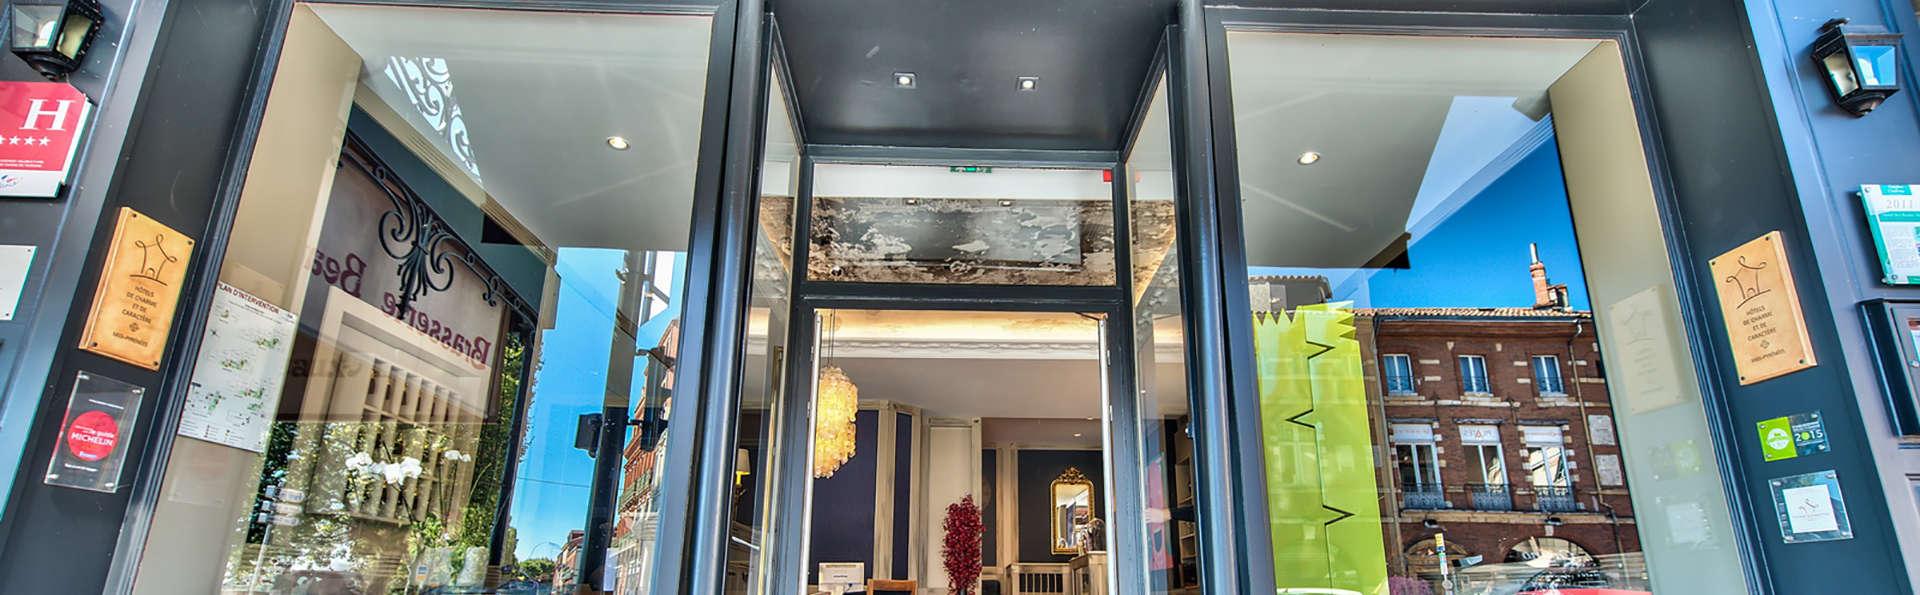 Hôtel des Beaux Arts - Edit_front.jpg